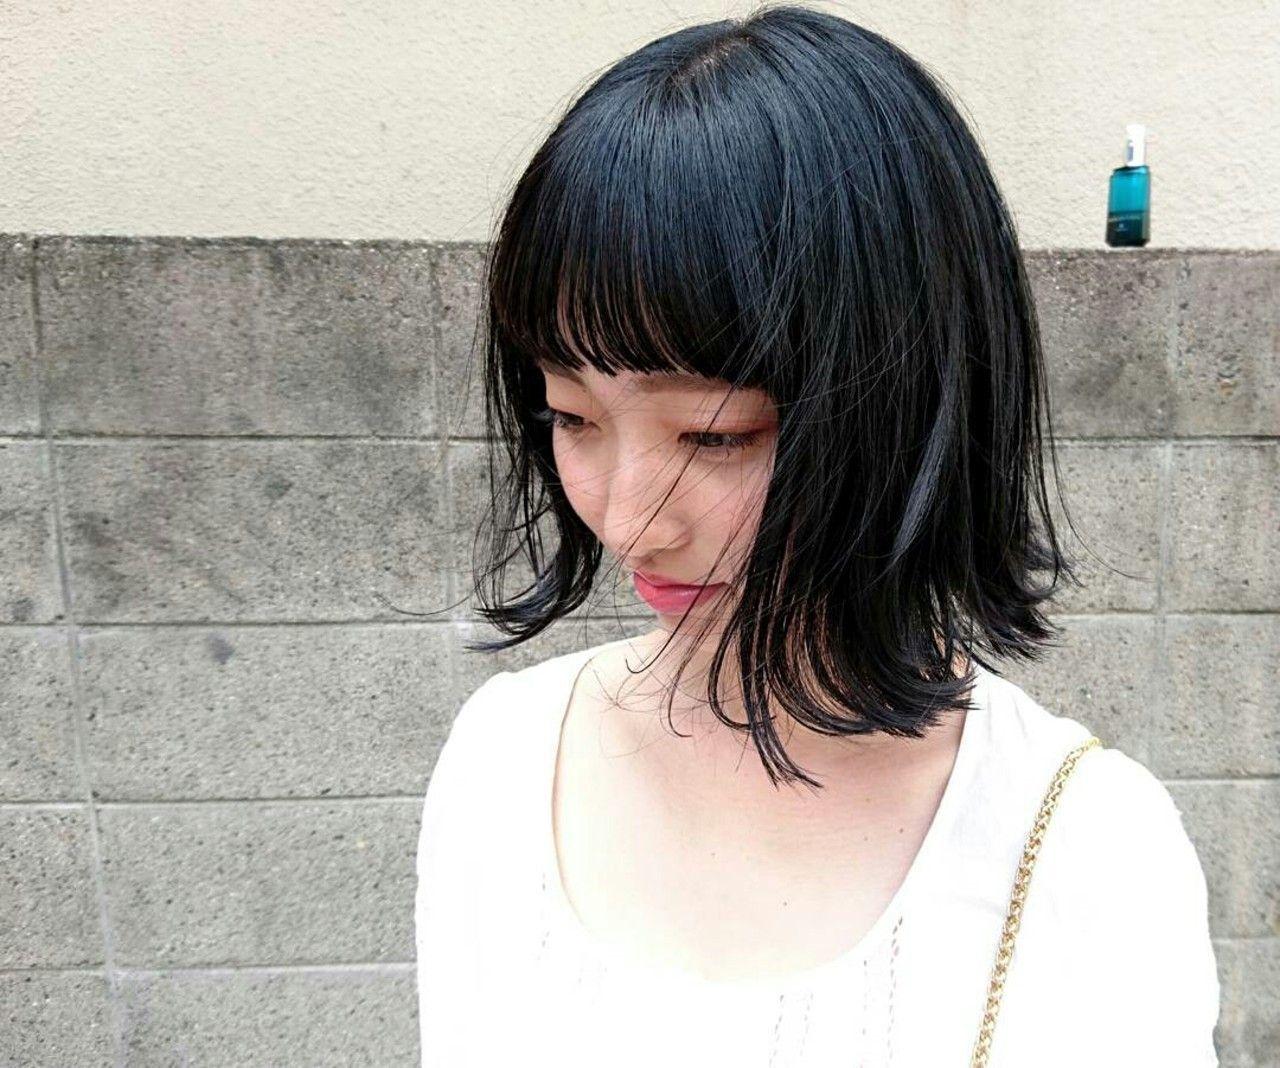 次のヘアカラーは、ブルーブラックへシフト!透明感を手に入れよう♡の9枚目の画像